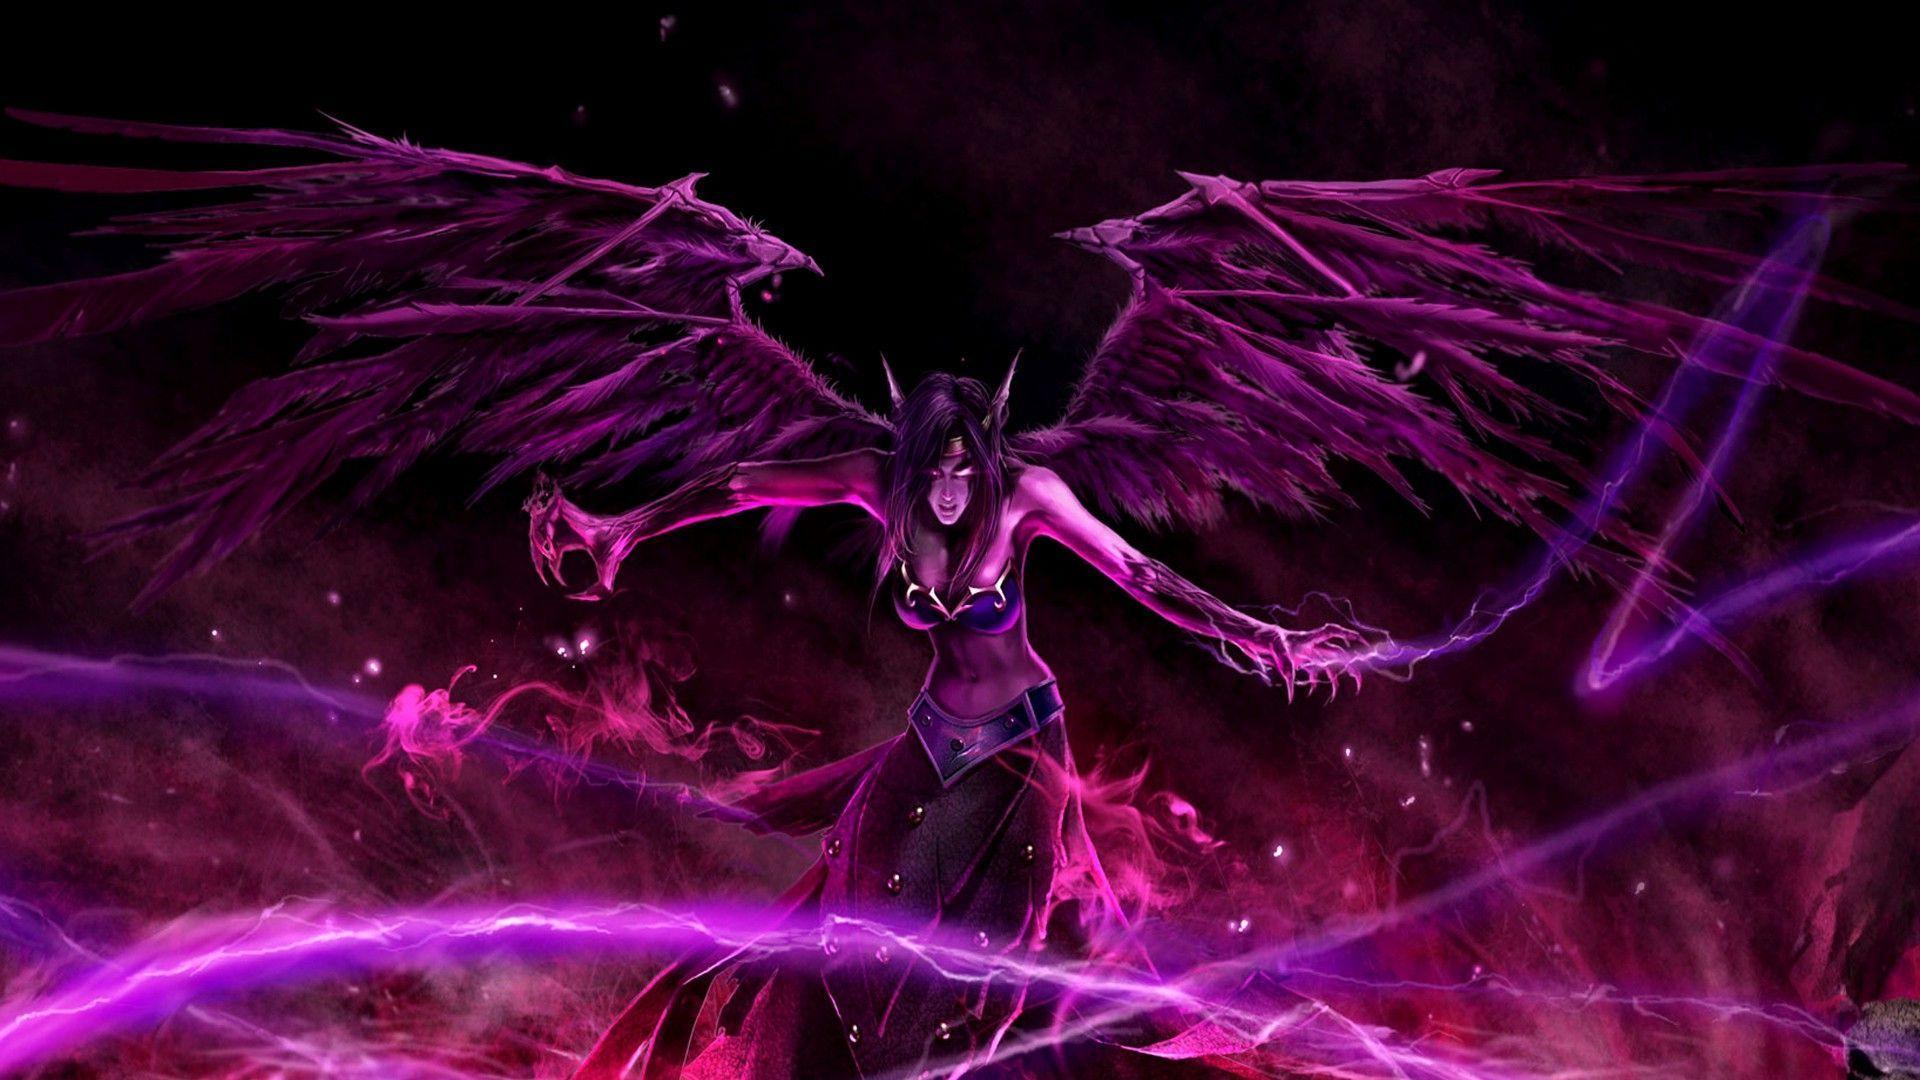 Morgana League Of Legends Wallpaper League Of Legends Lol League Of Legends League Of Legends Characters